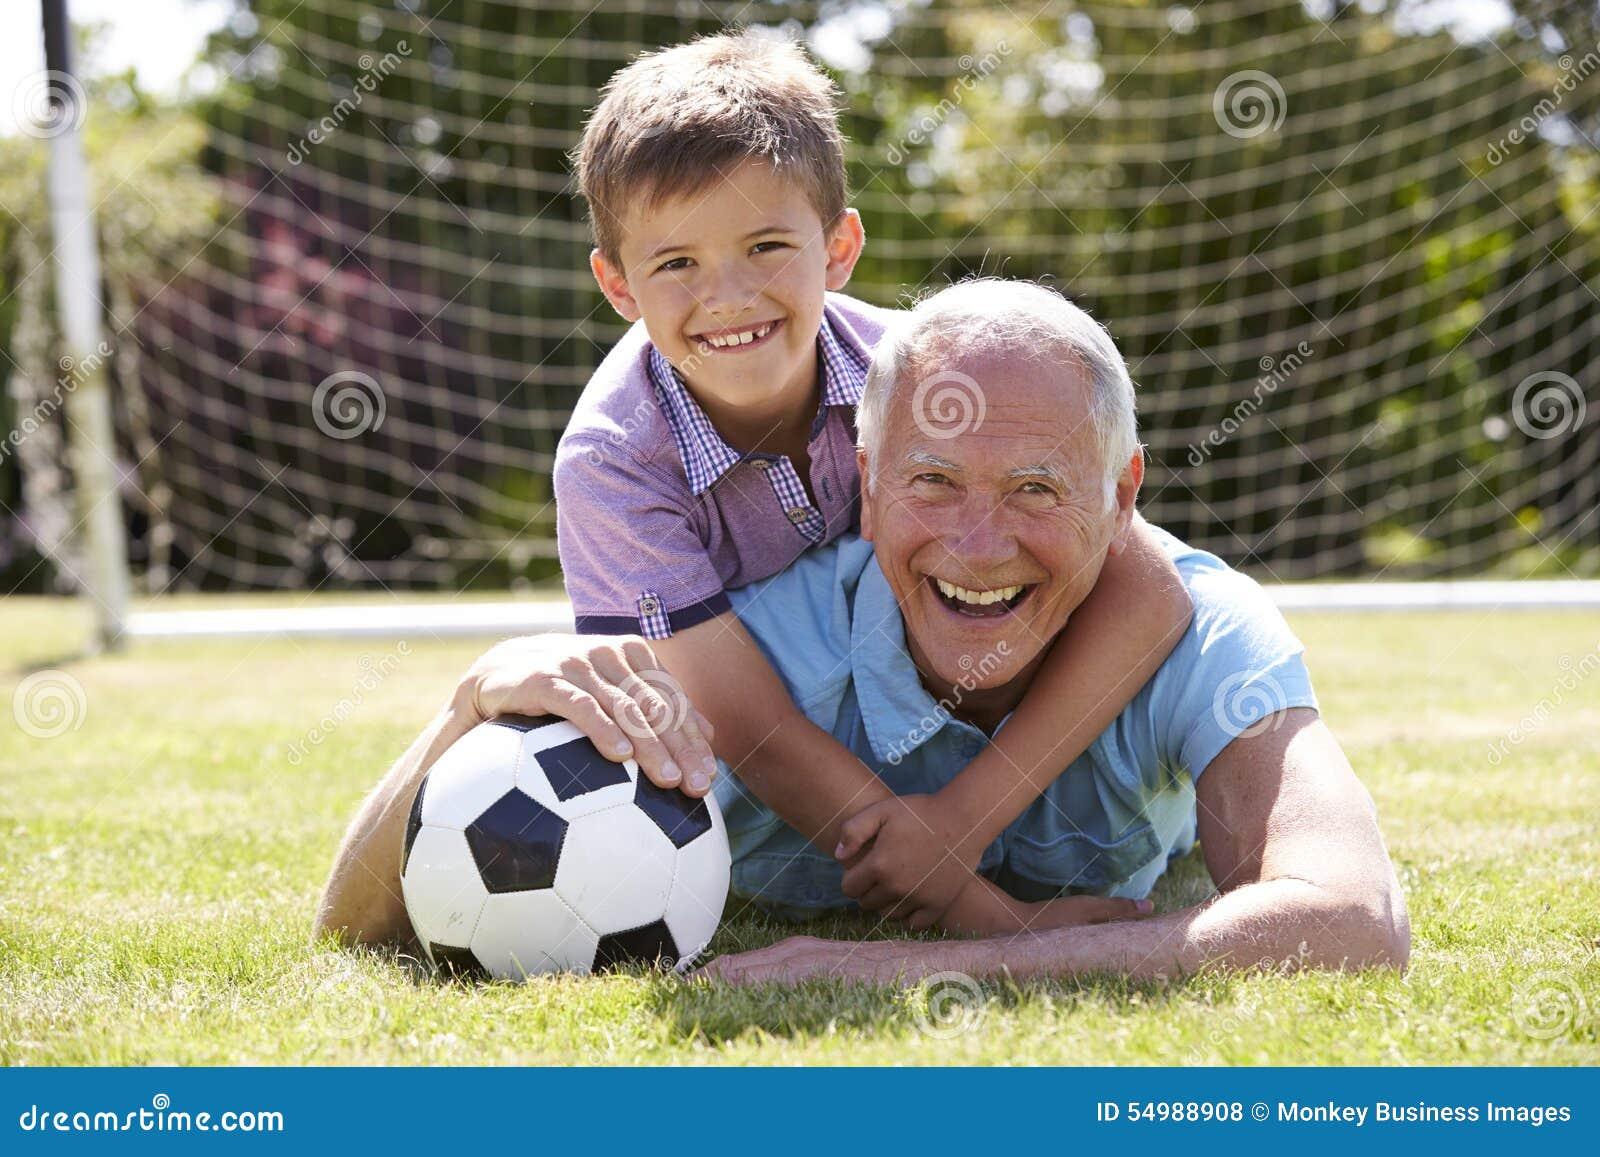 Πορτρέτο του παππού και του εγγονού με το ποδόσφαιρο